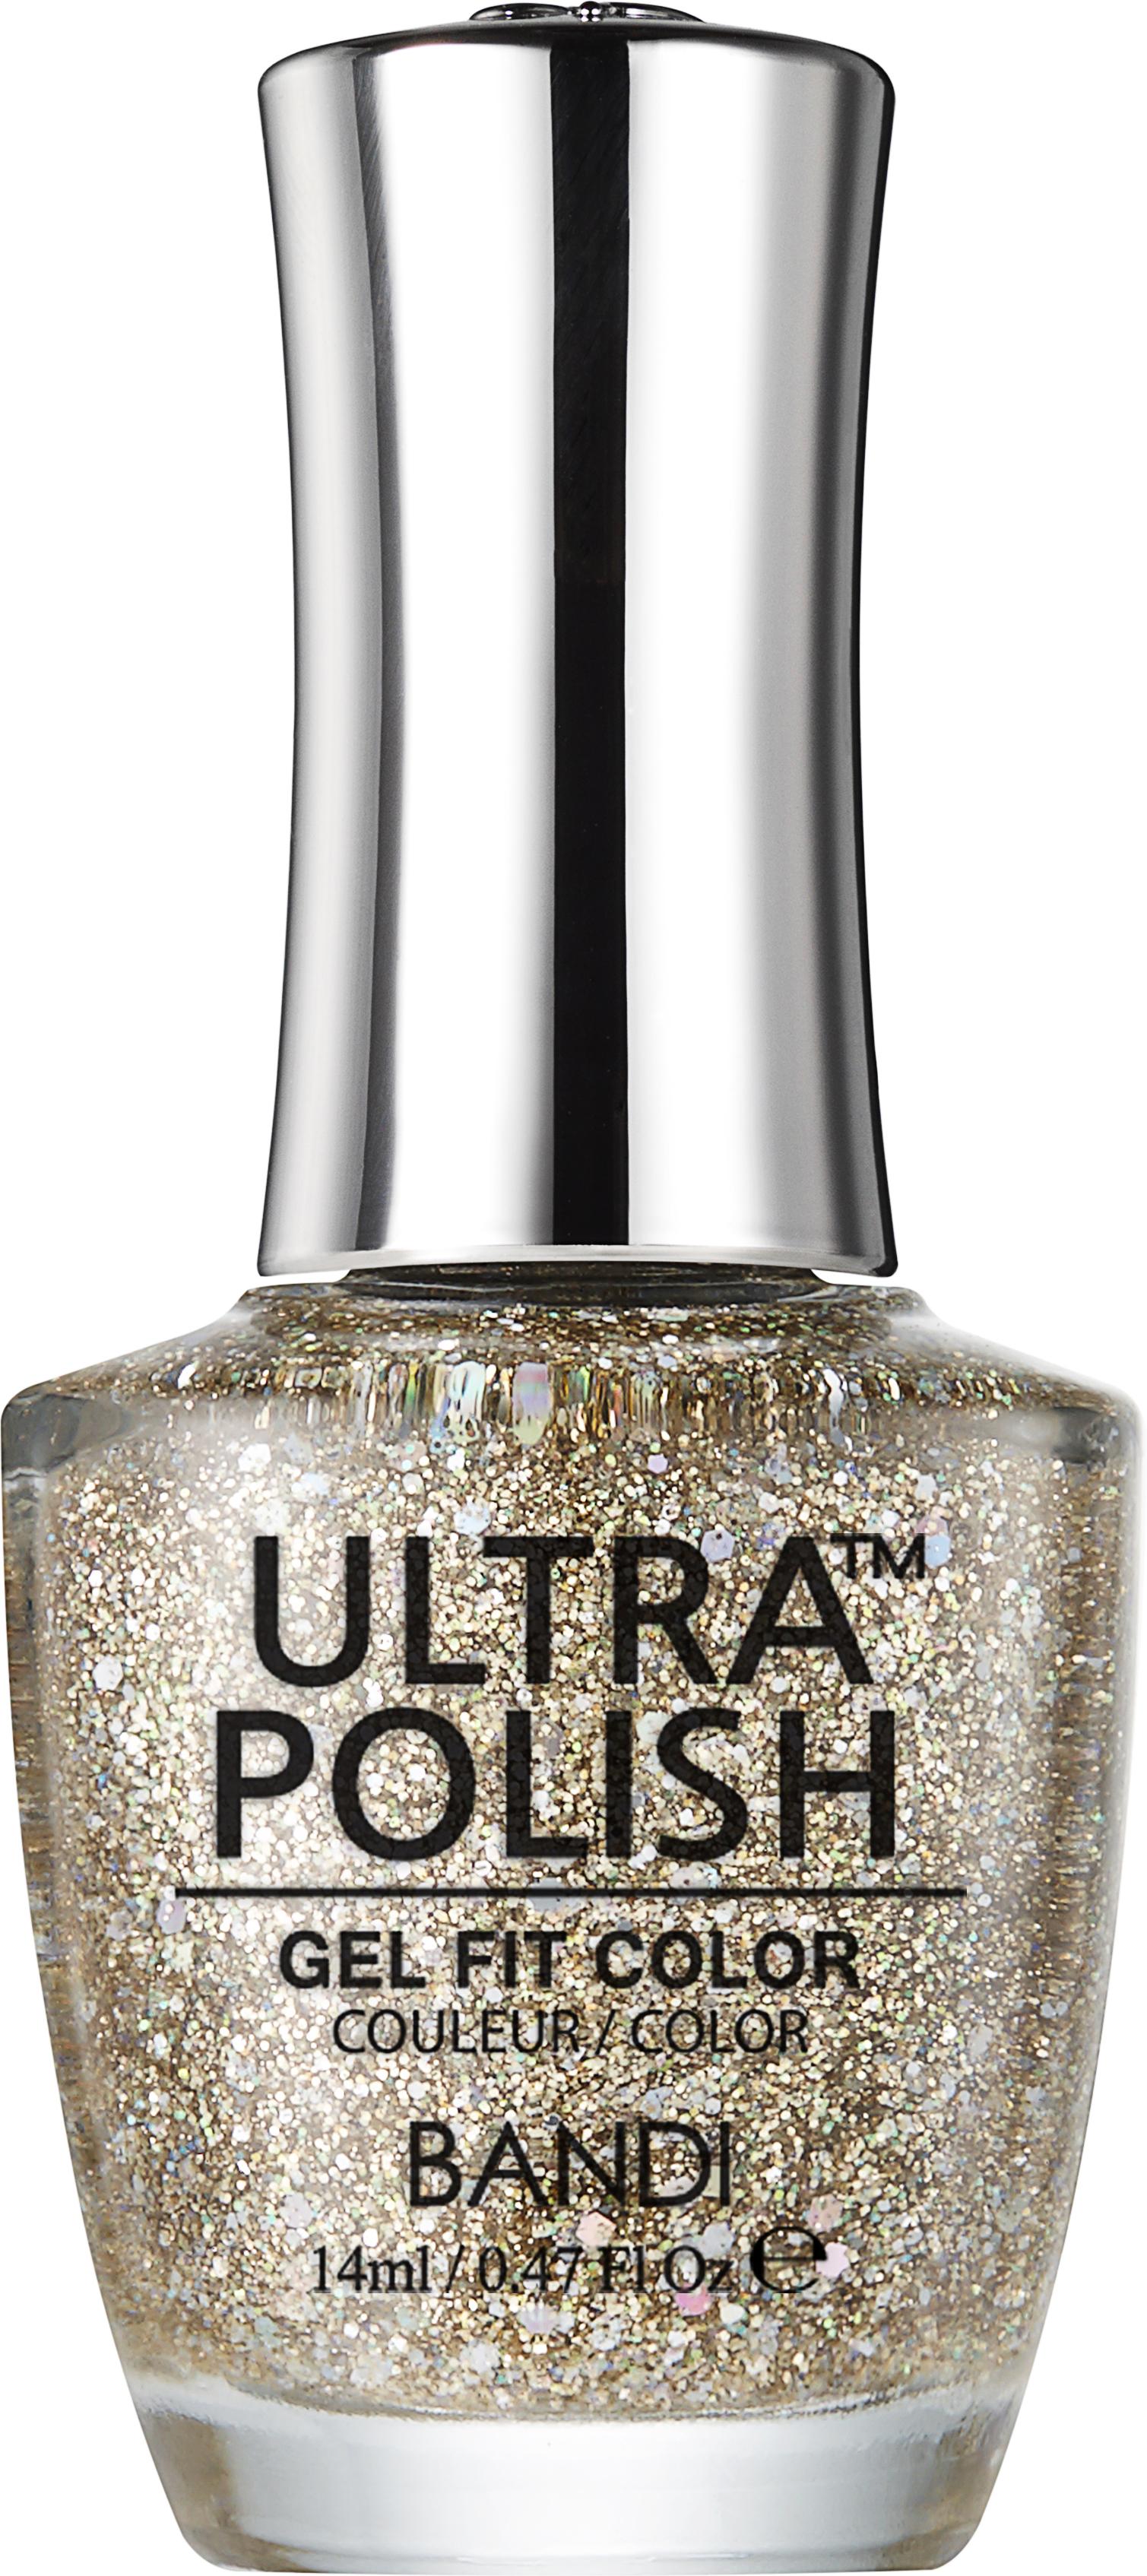 Купить BANDI UP906 ультра-покрытие долговременное цветное для ногтей / ULTRA POLISH GEL FIT COLOR 14 мл, Желтые